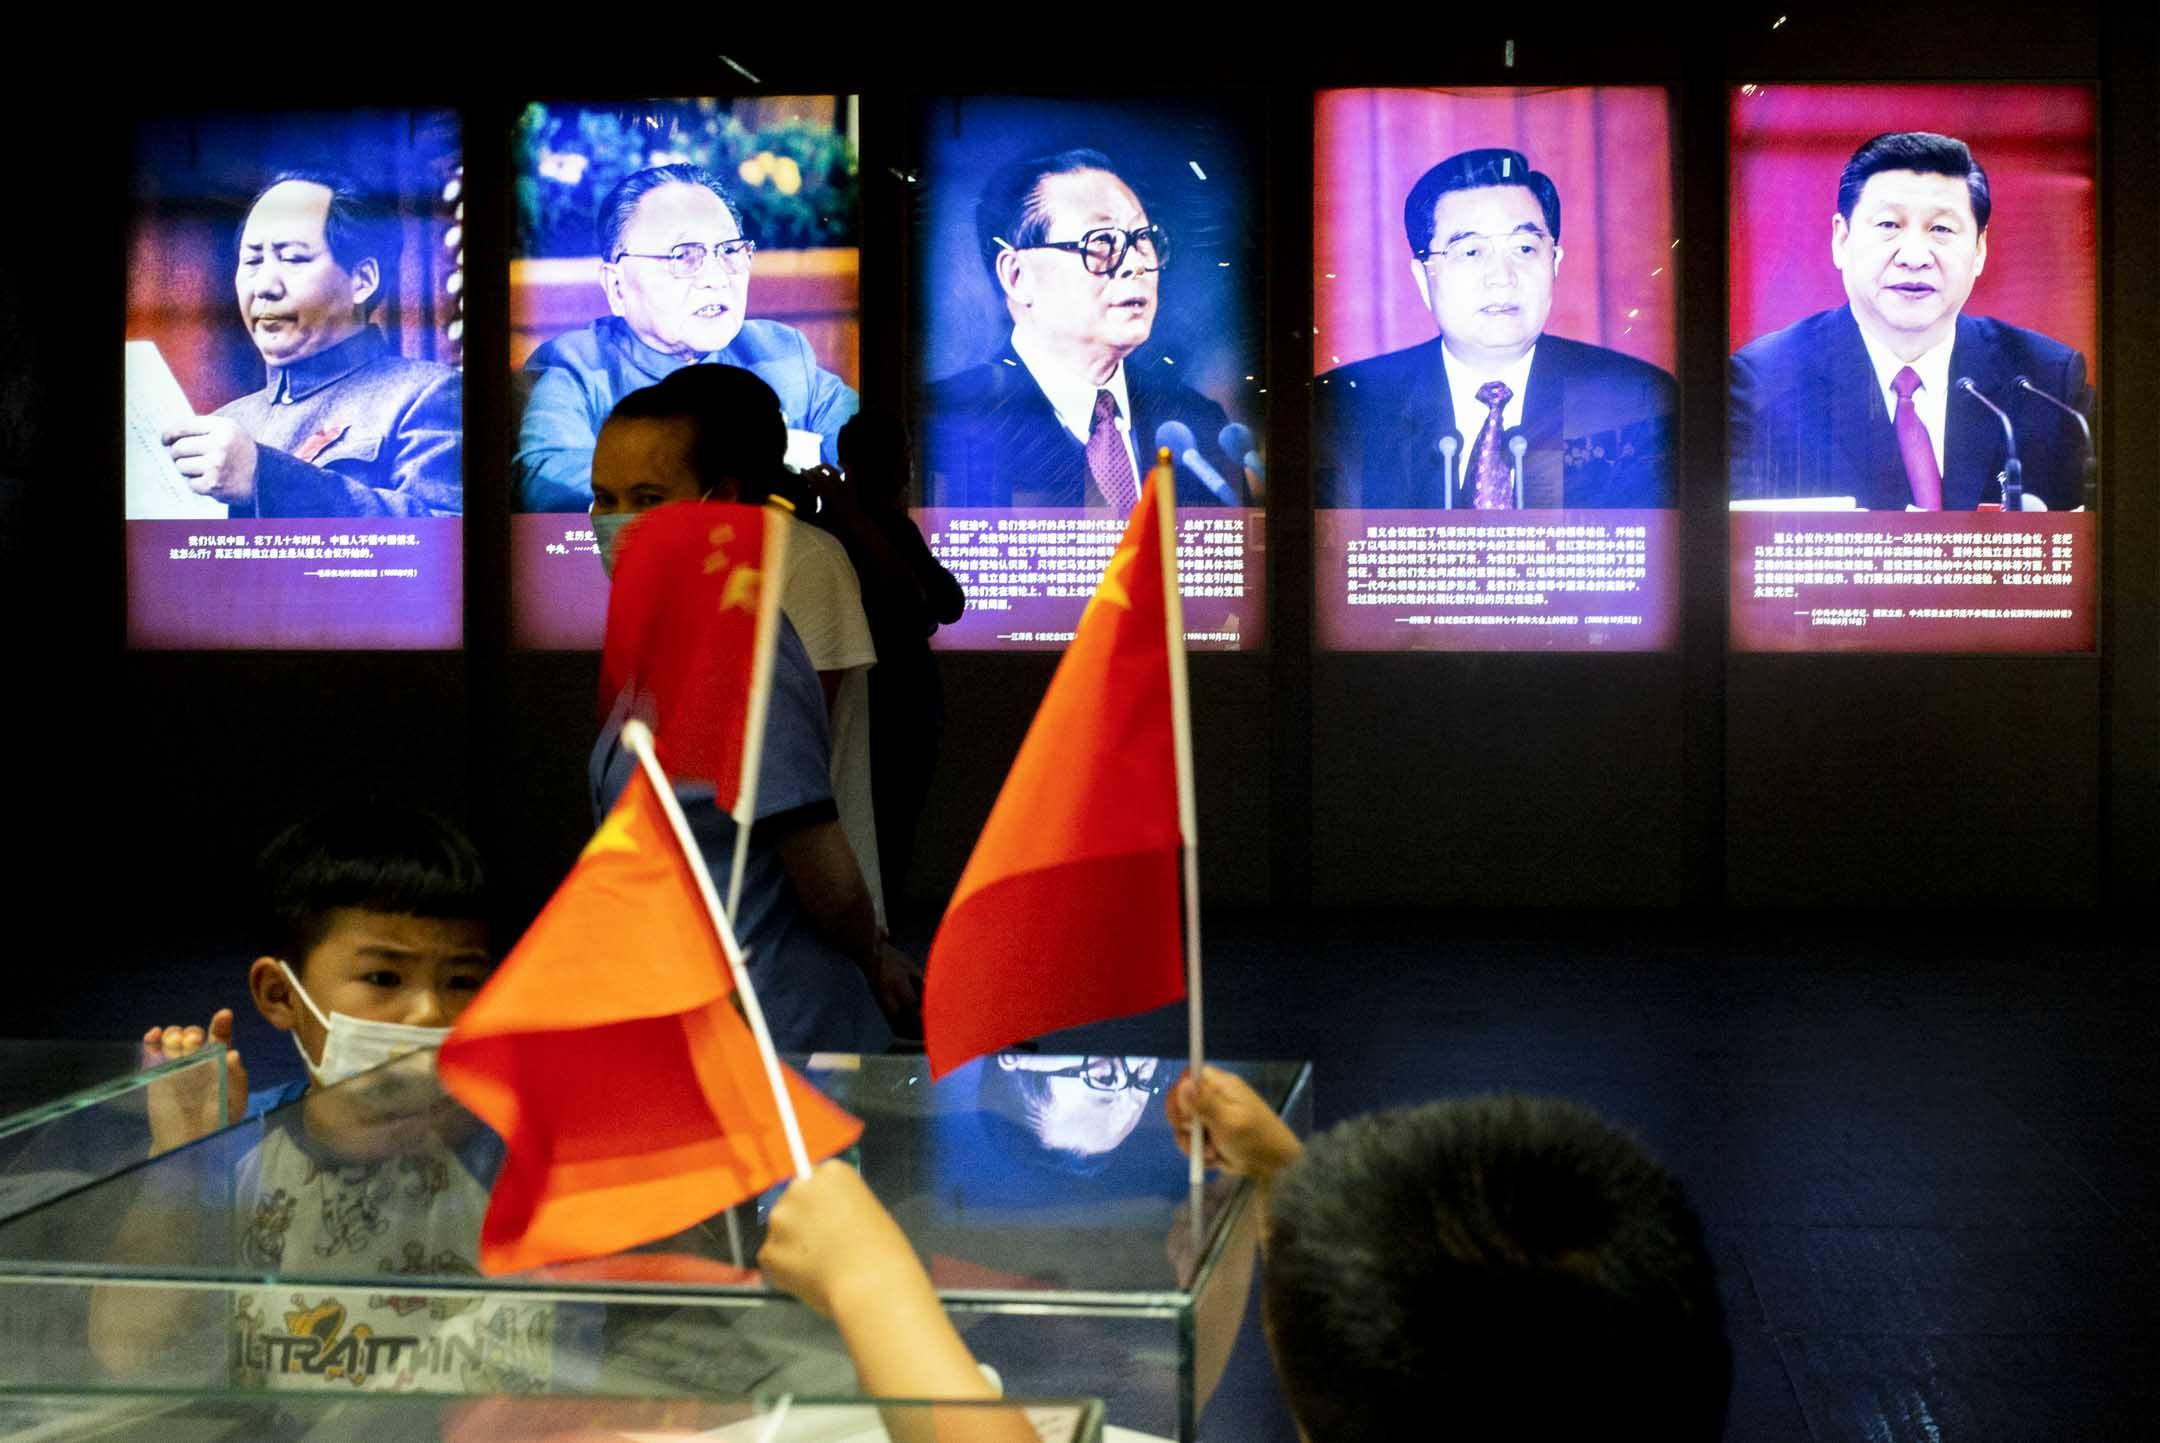 2021年5月30日,遵義會議紀念館內其中一部分,有歷代中共領導人的照片,場內有小朋友帶上國旗在內參觀。 攝:林振東/端傳媒